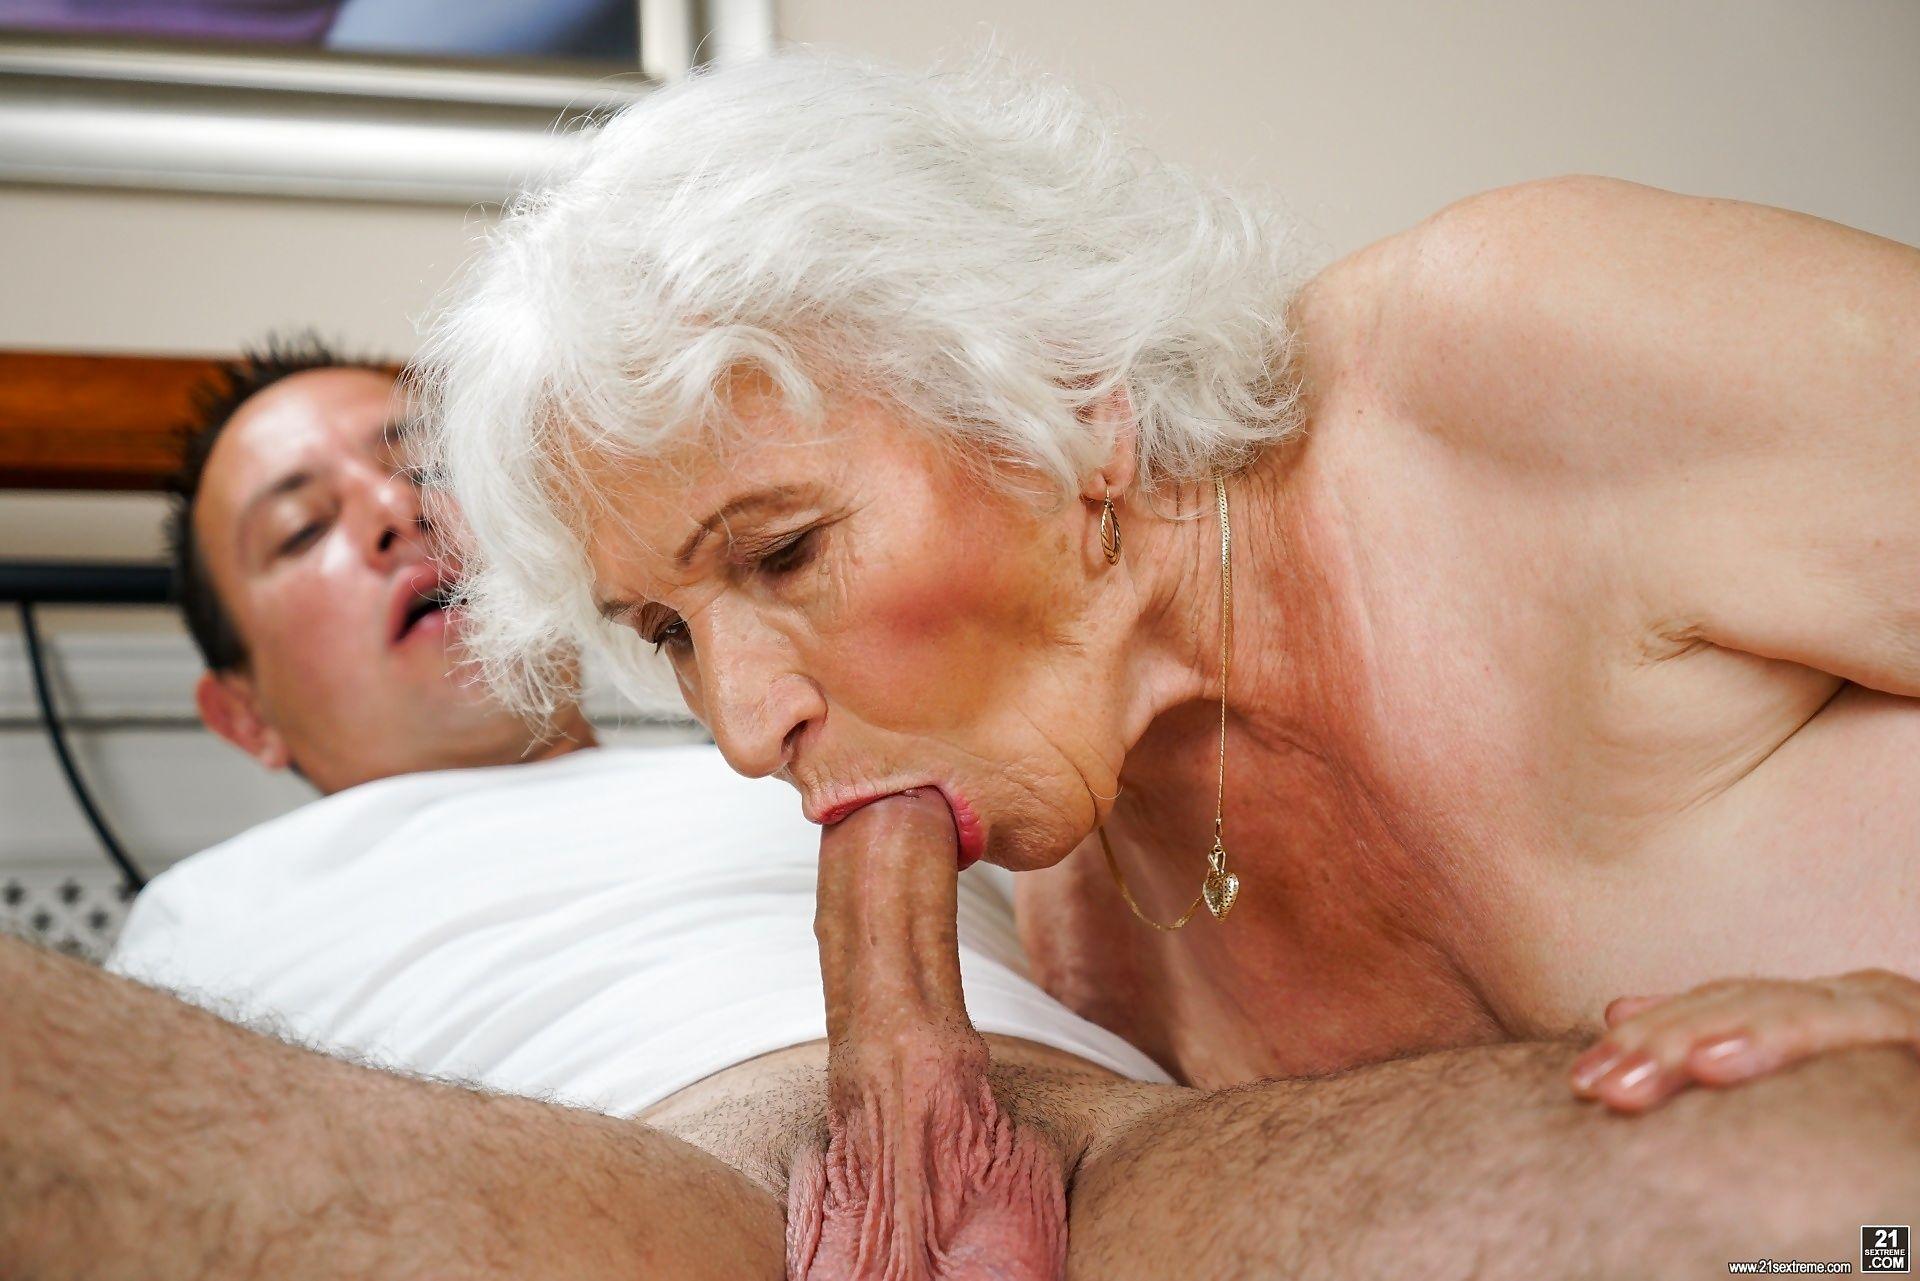 Granny norma pics